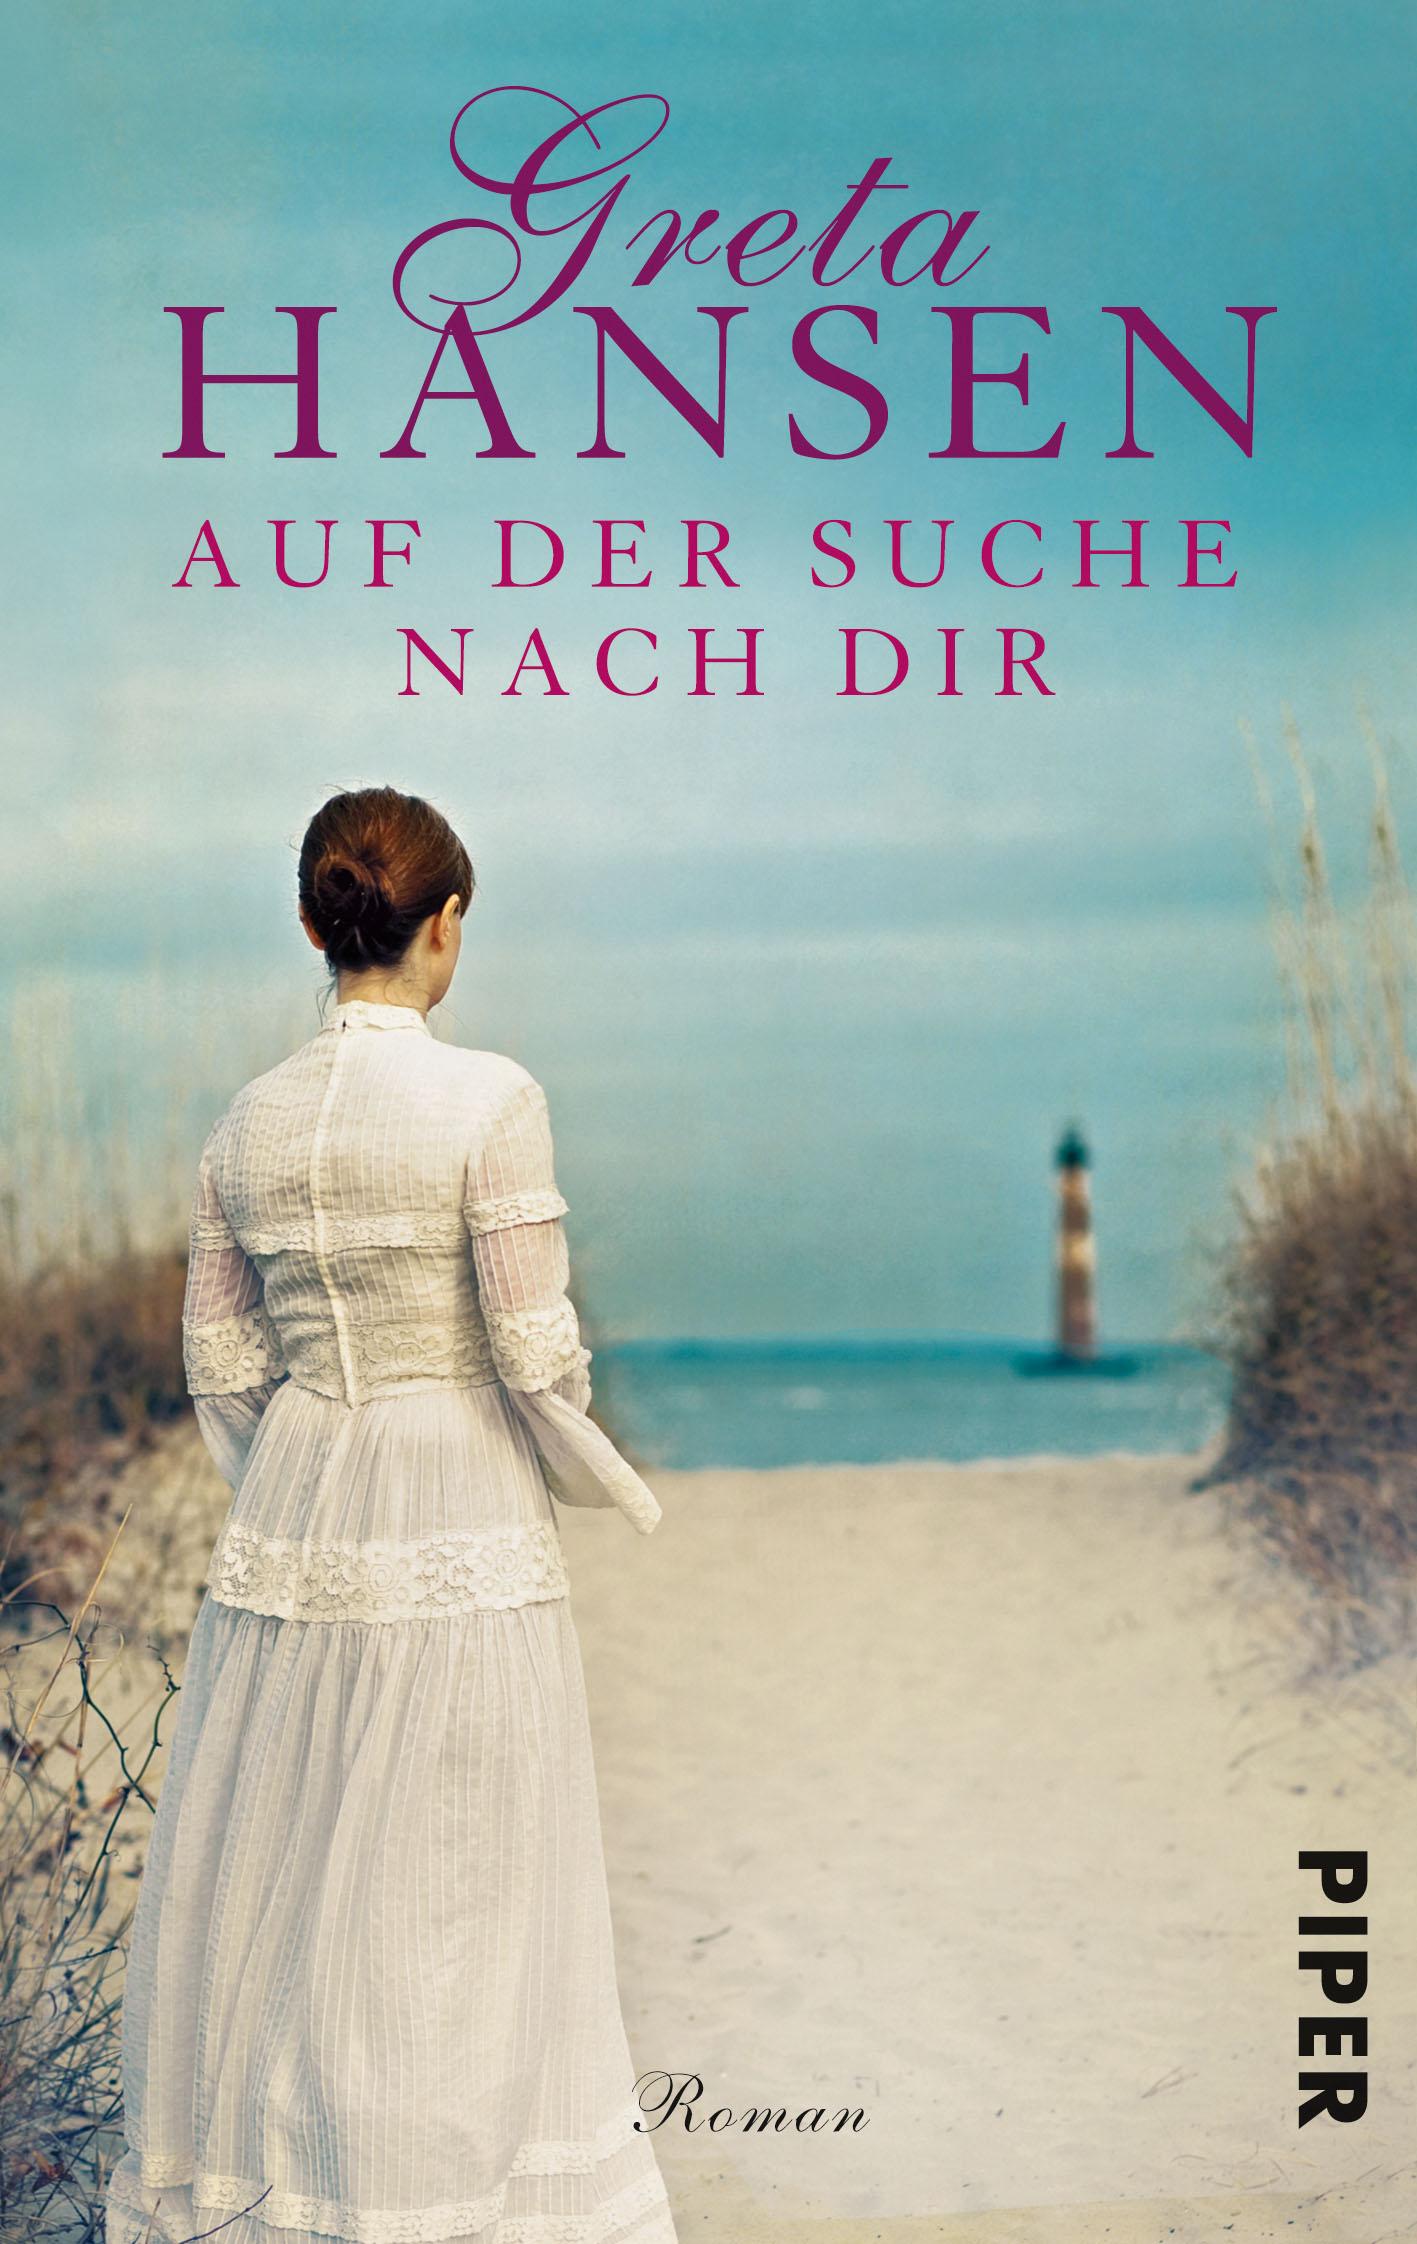 Auf der Suche nach dir - Greta Hansen